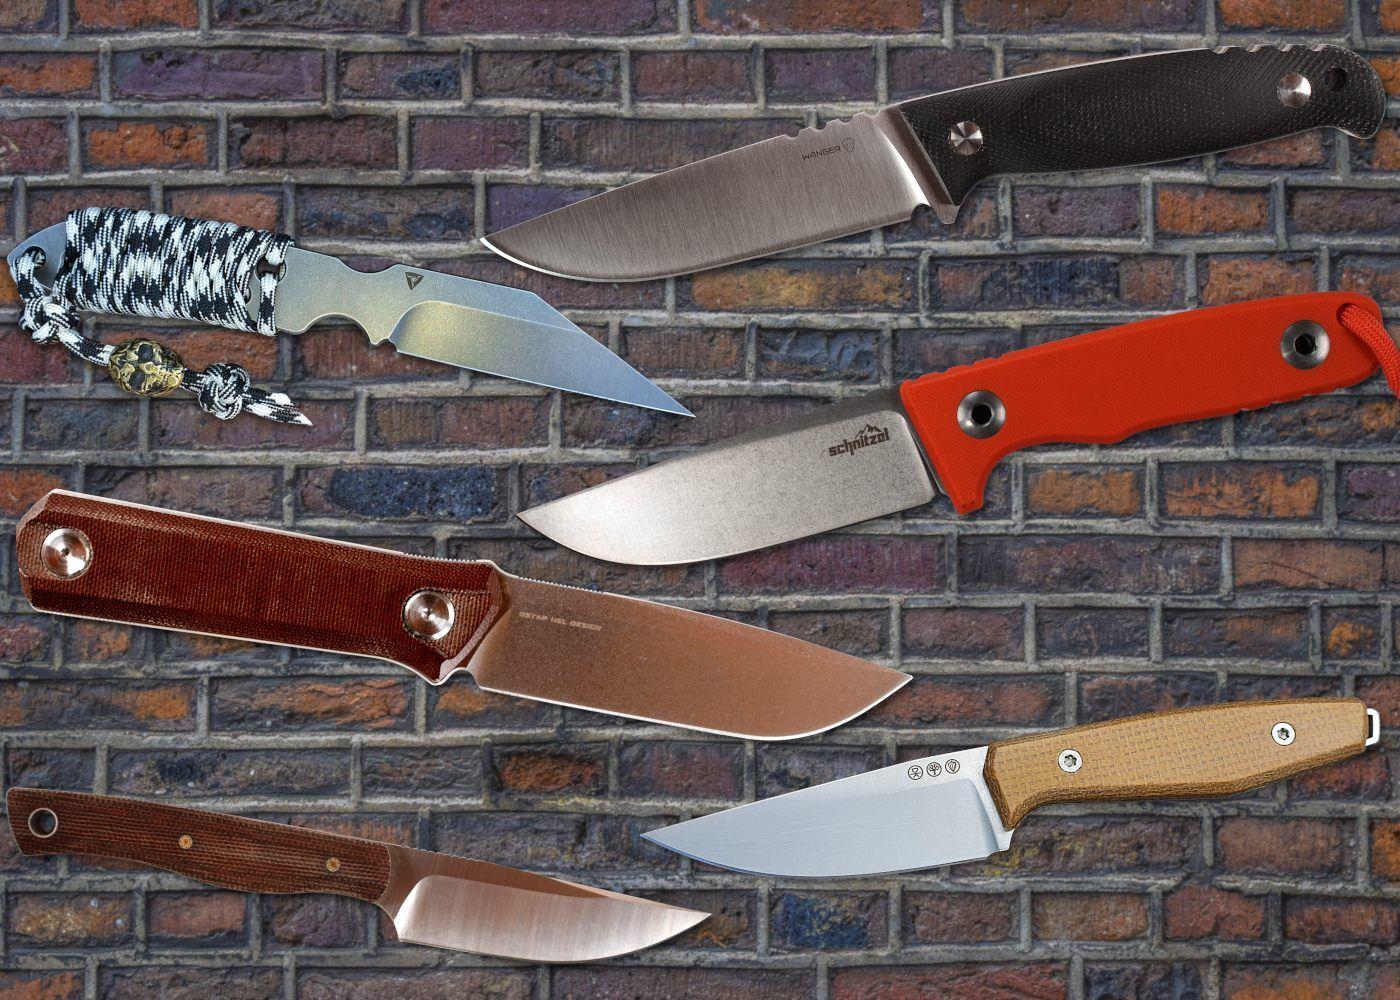 Vergleichstest 2021 - Fixed Blades bis 12 cm Klingenlänge